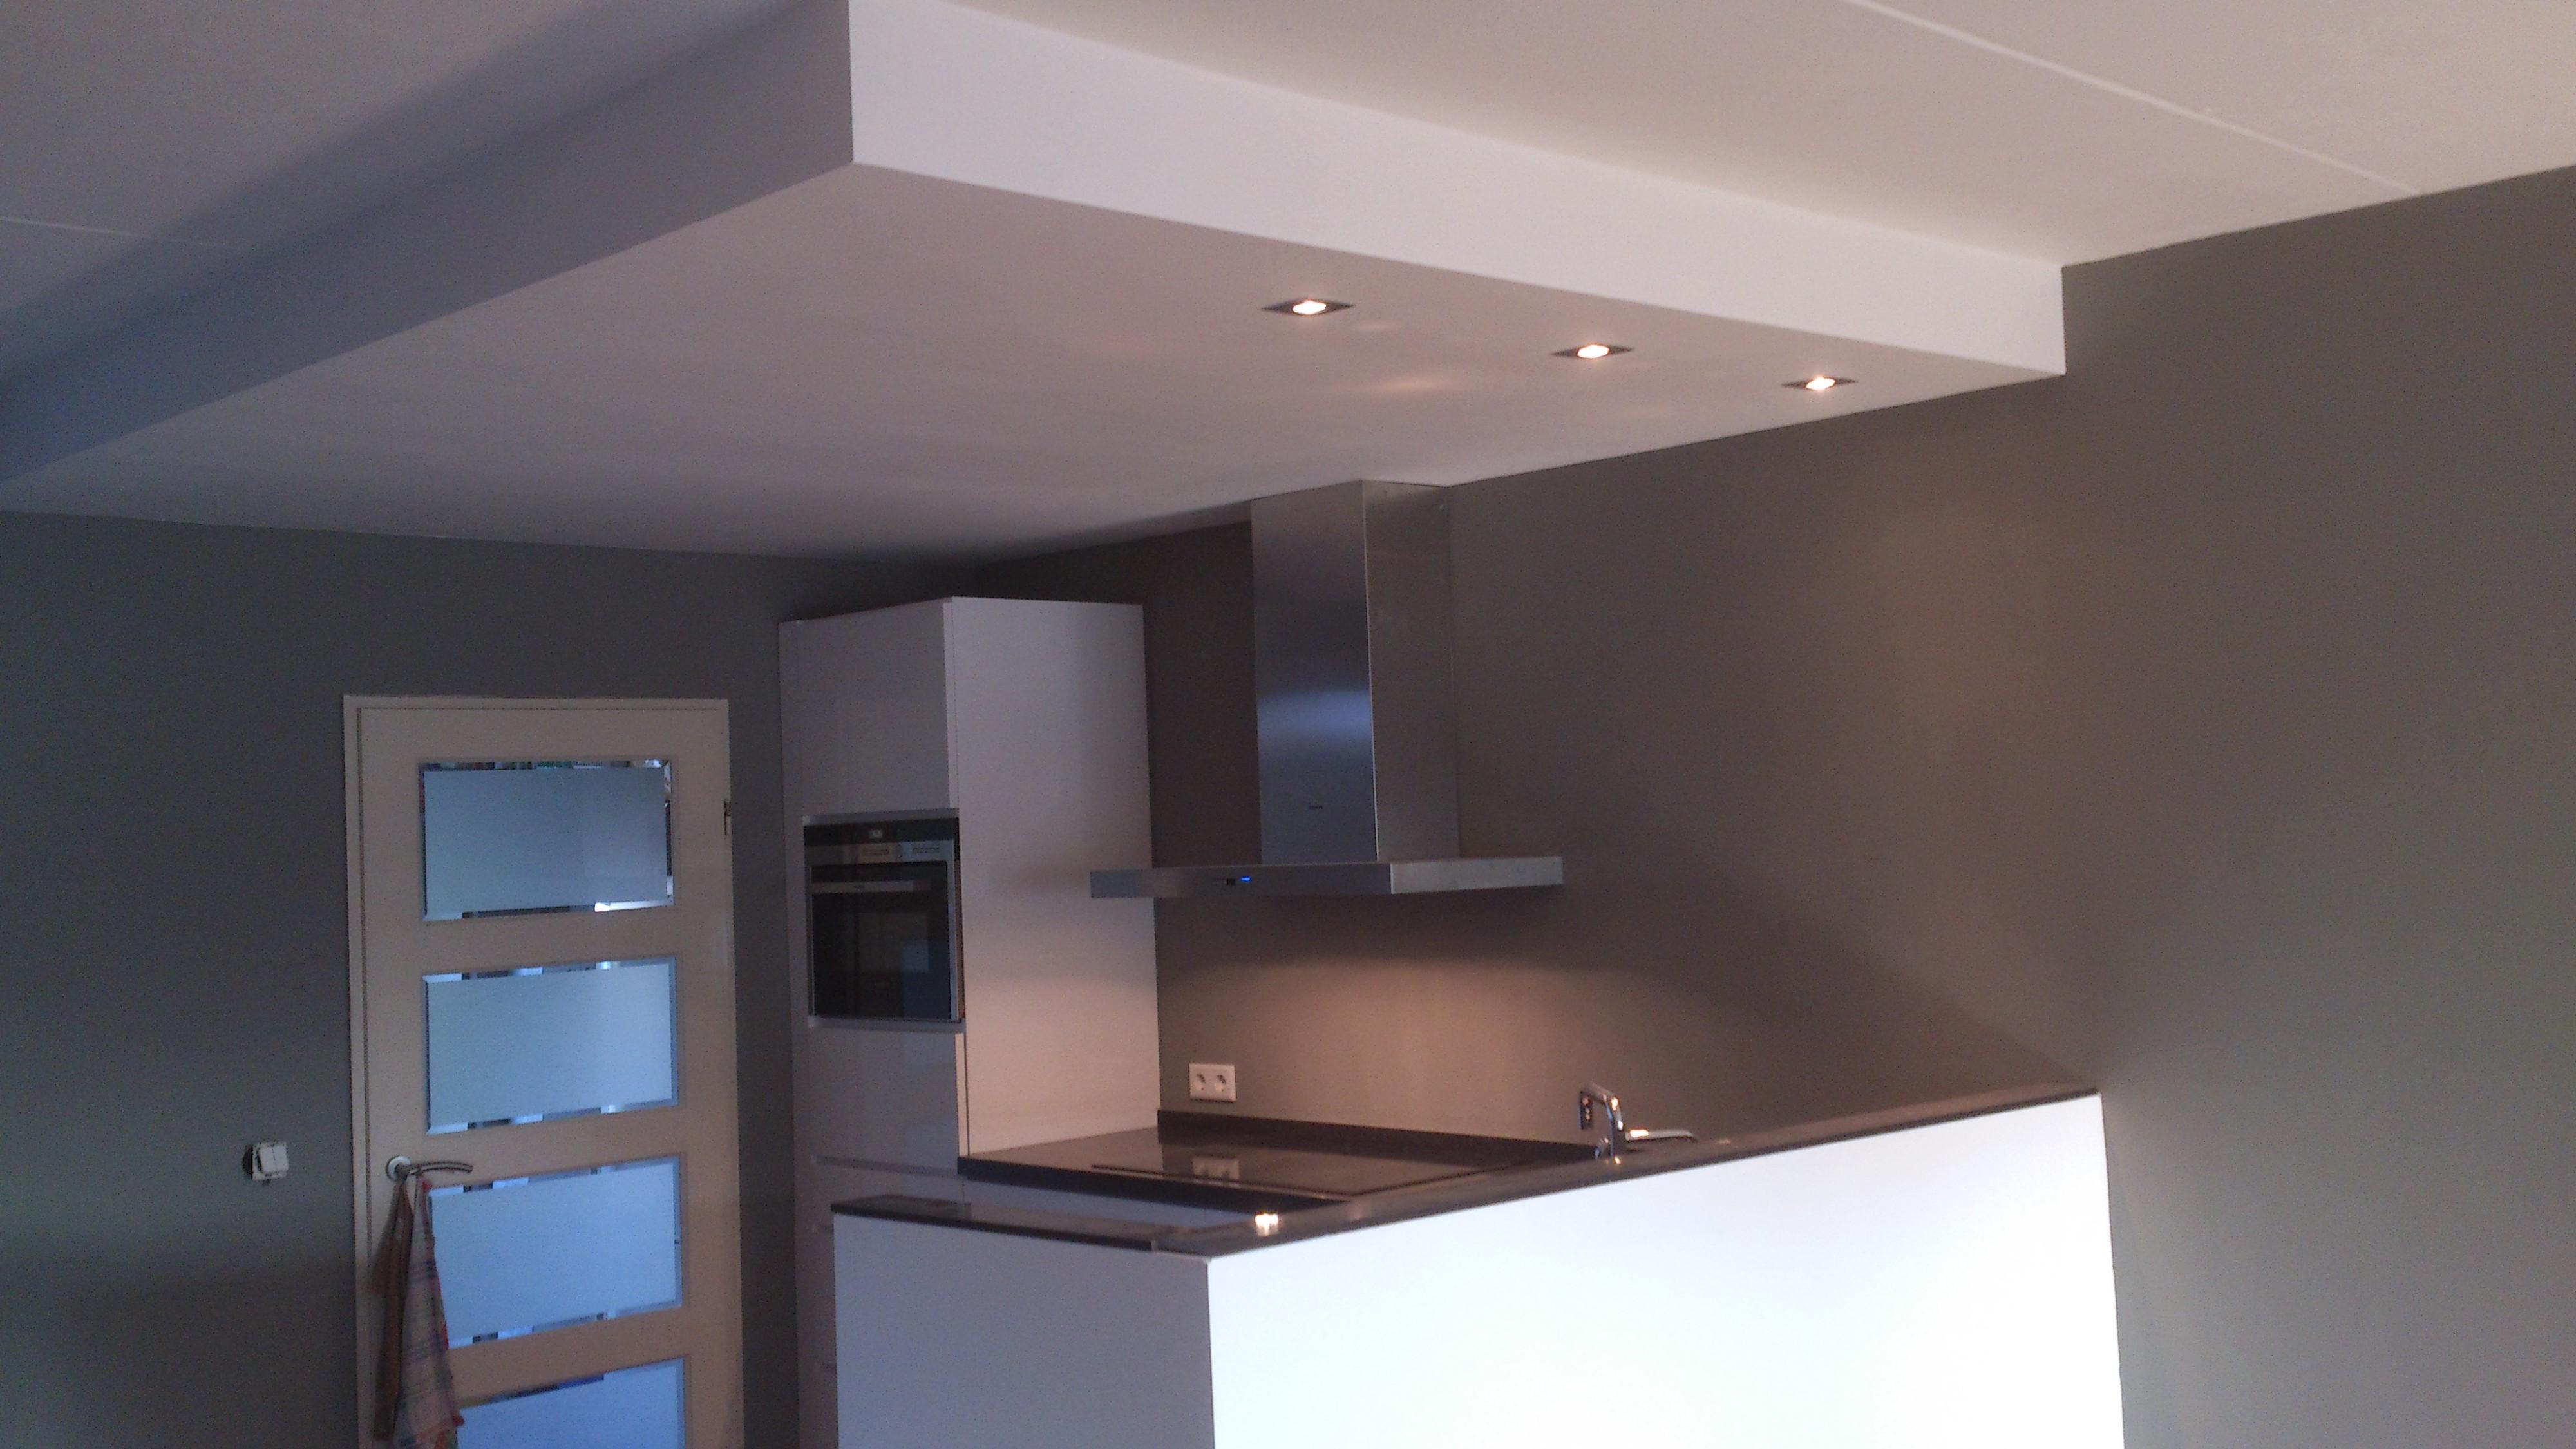 Keukenrenovatie Apparatuur : Keuken renovatie Timmerloods